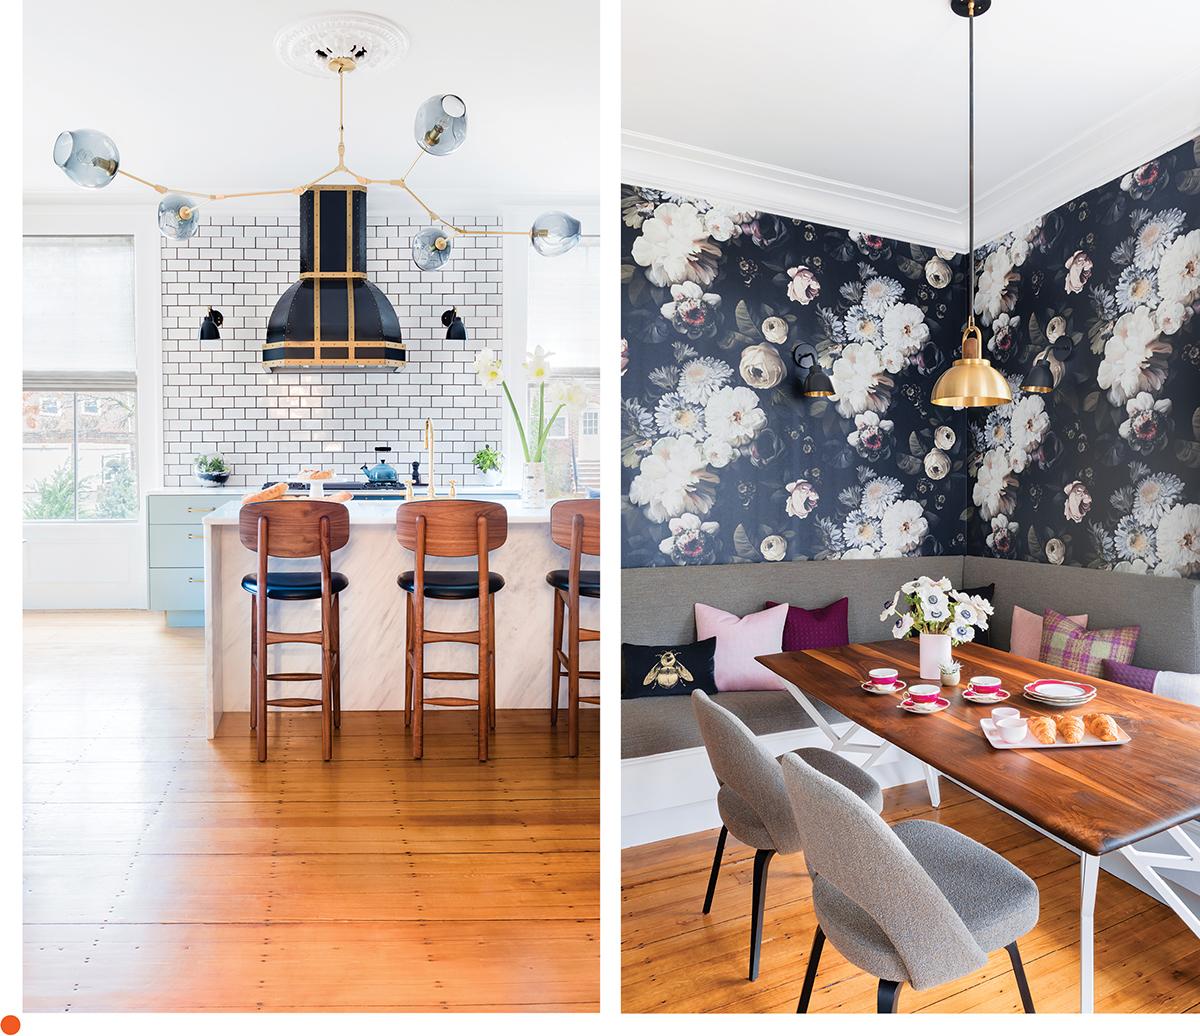 boston kitchens design guide 2016 15